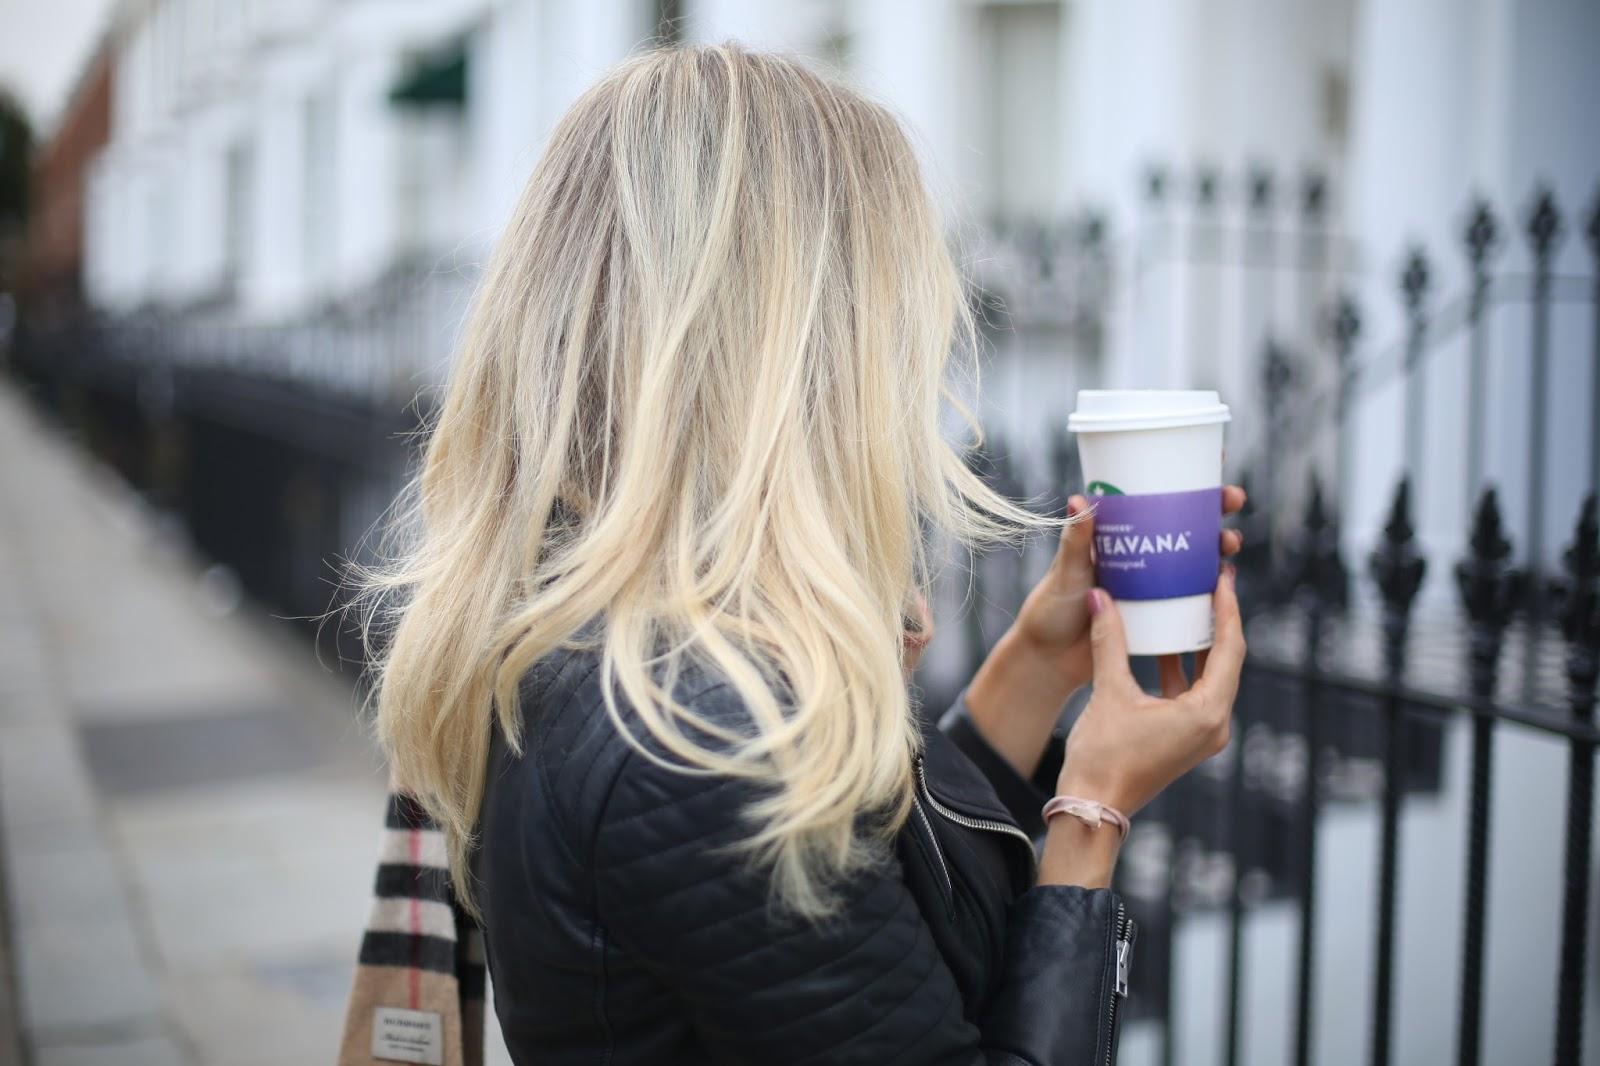 starbucks teavana latte